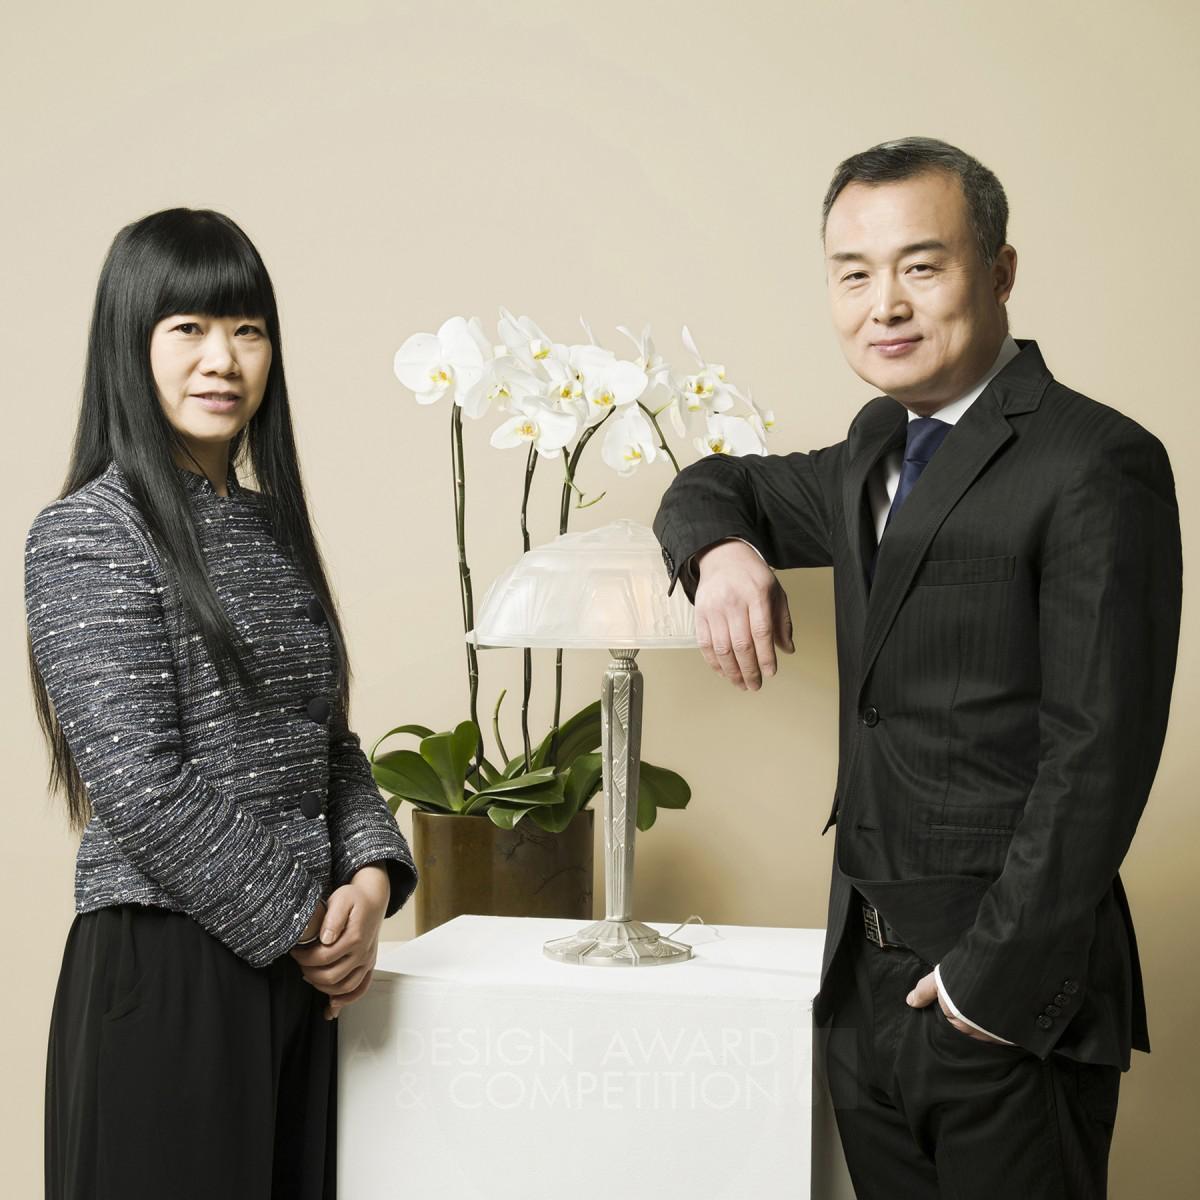 Guoqiang Feng and Yan Chen